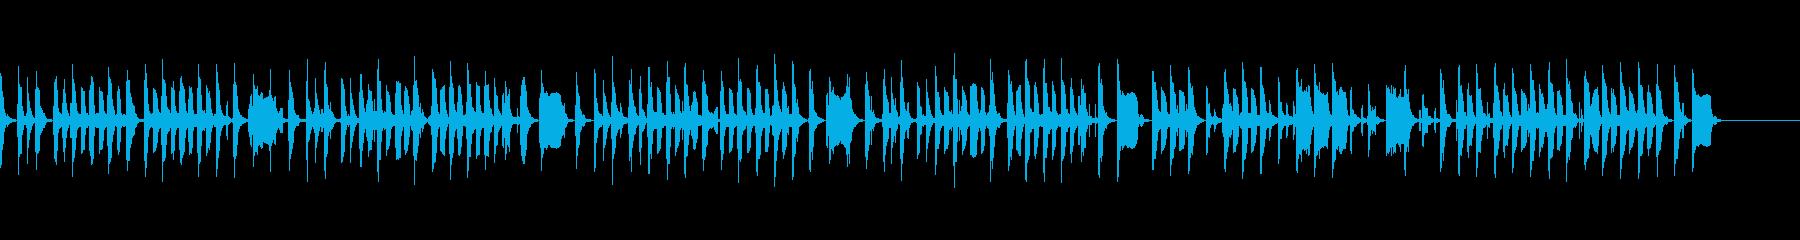 ほのぼのと滑稽なBGMの再生済みの波形